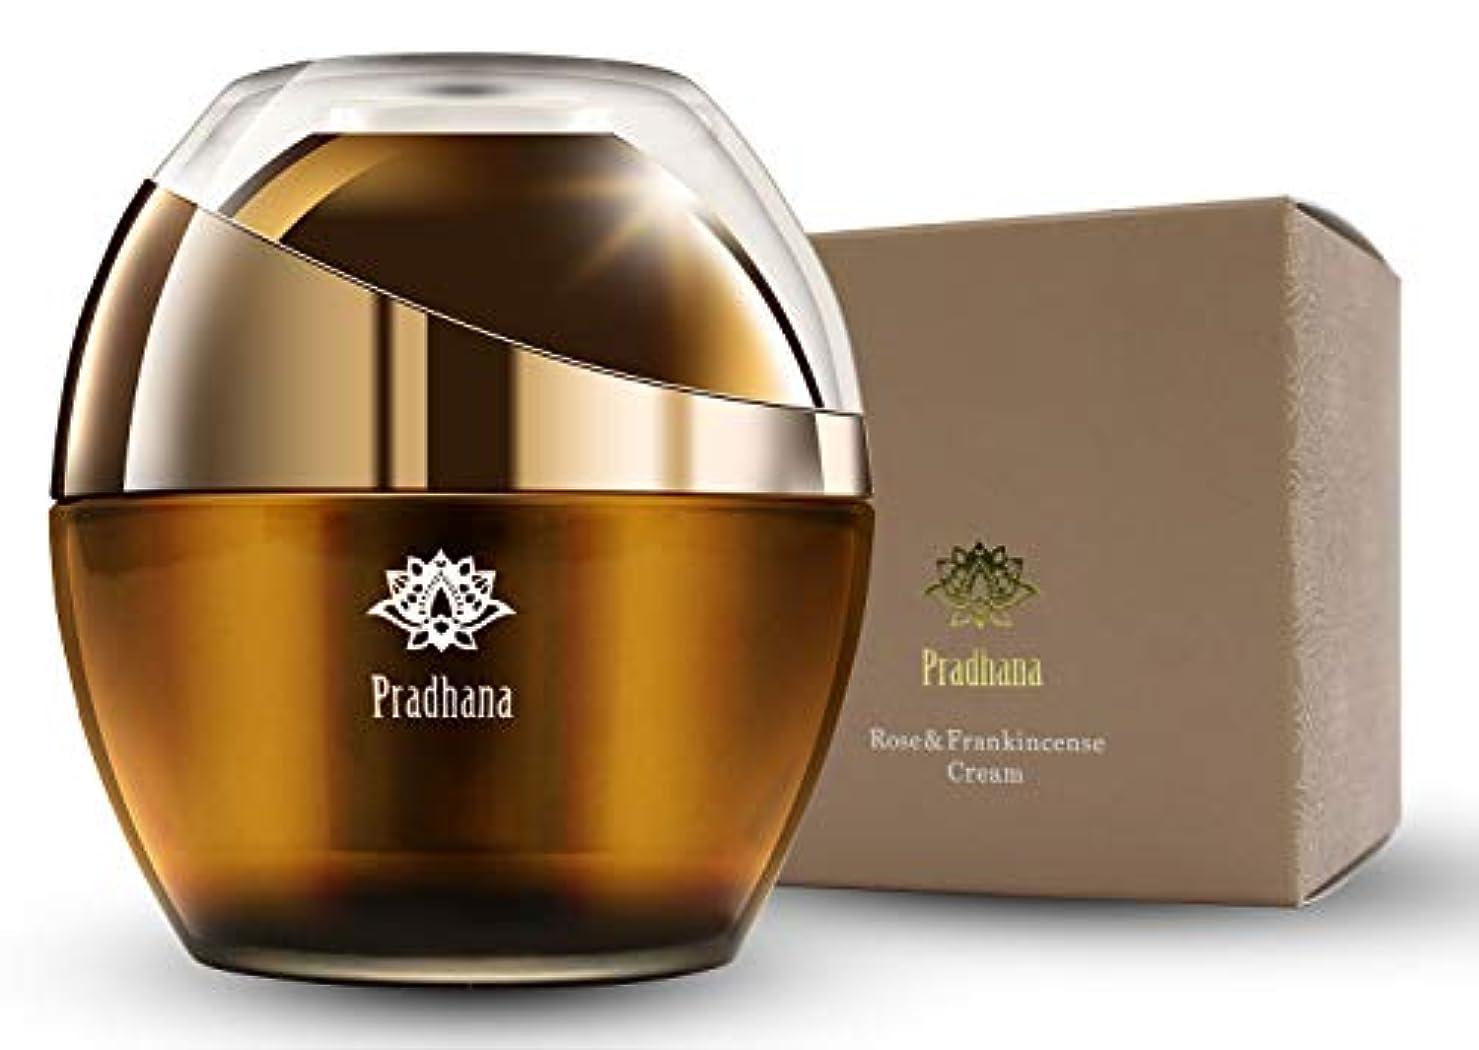 言うまでもなく解き明かすポータルプラダーナ(Pradhana) ローズ&フランキンセンス クリーム 50g アーユルヴェーダ ボタニカル